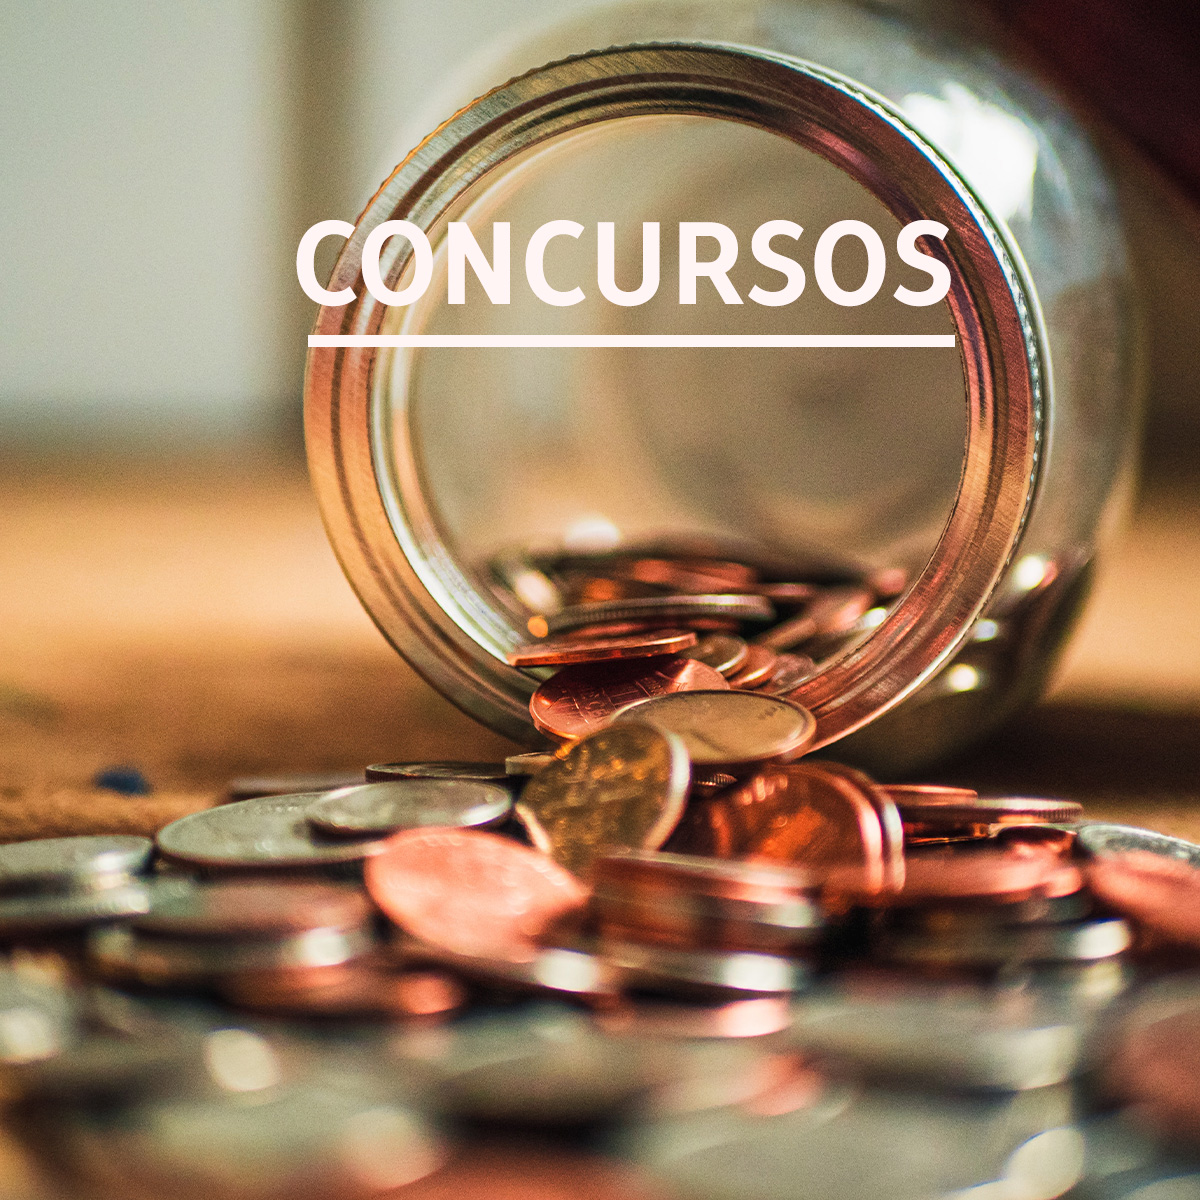 Los concursos de acreedores se disparan en toda España